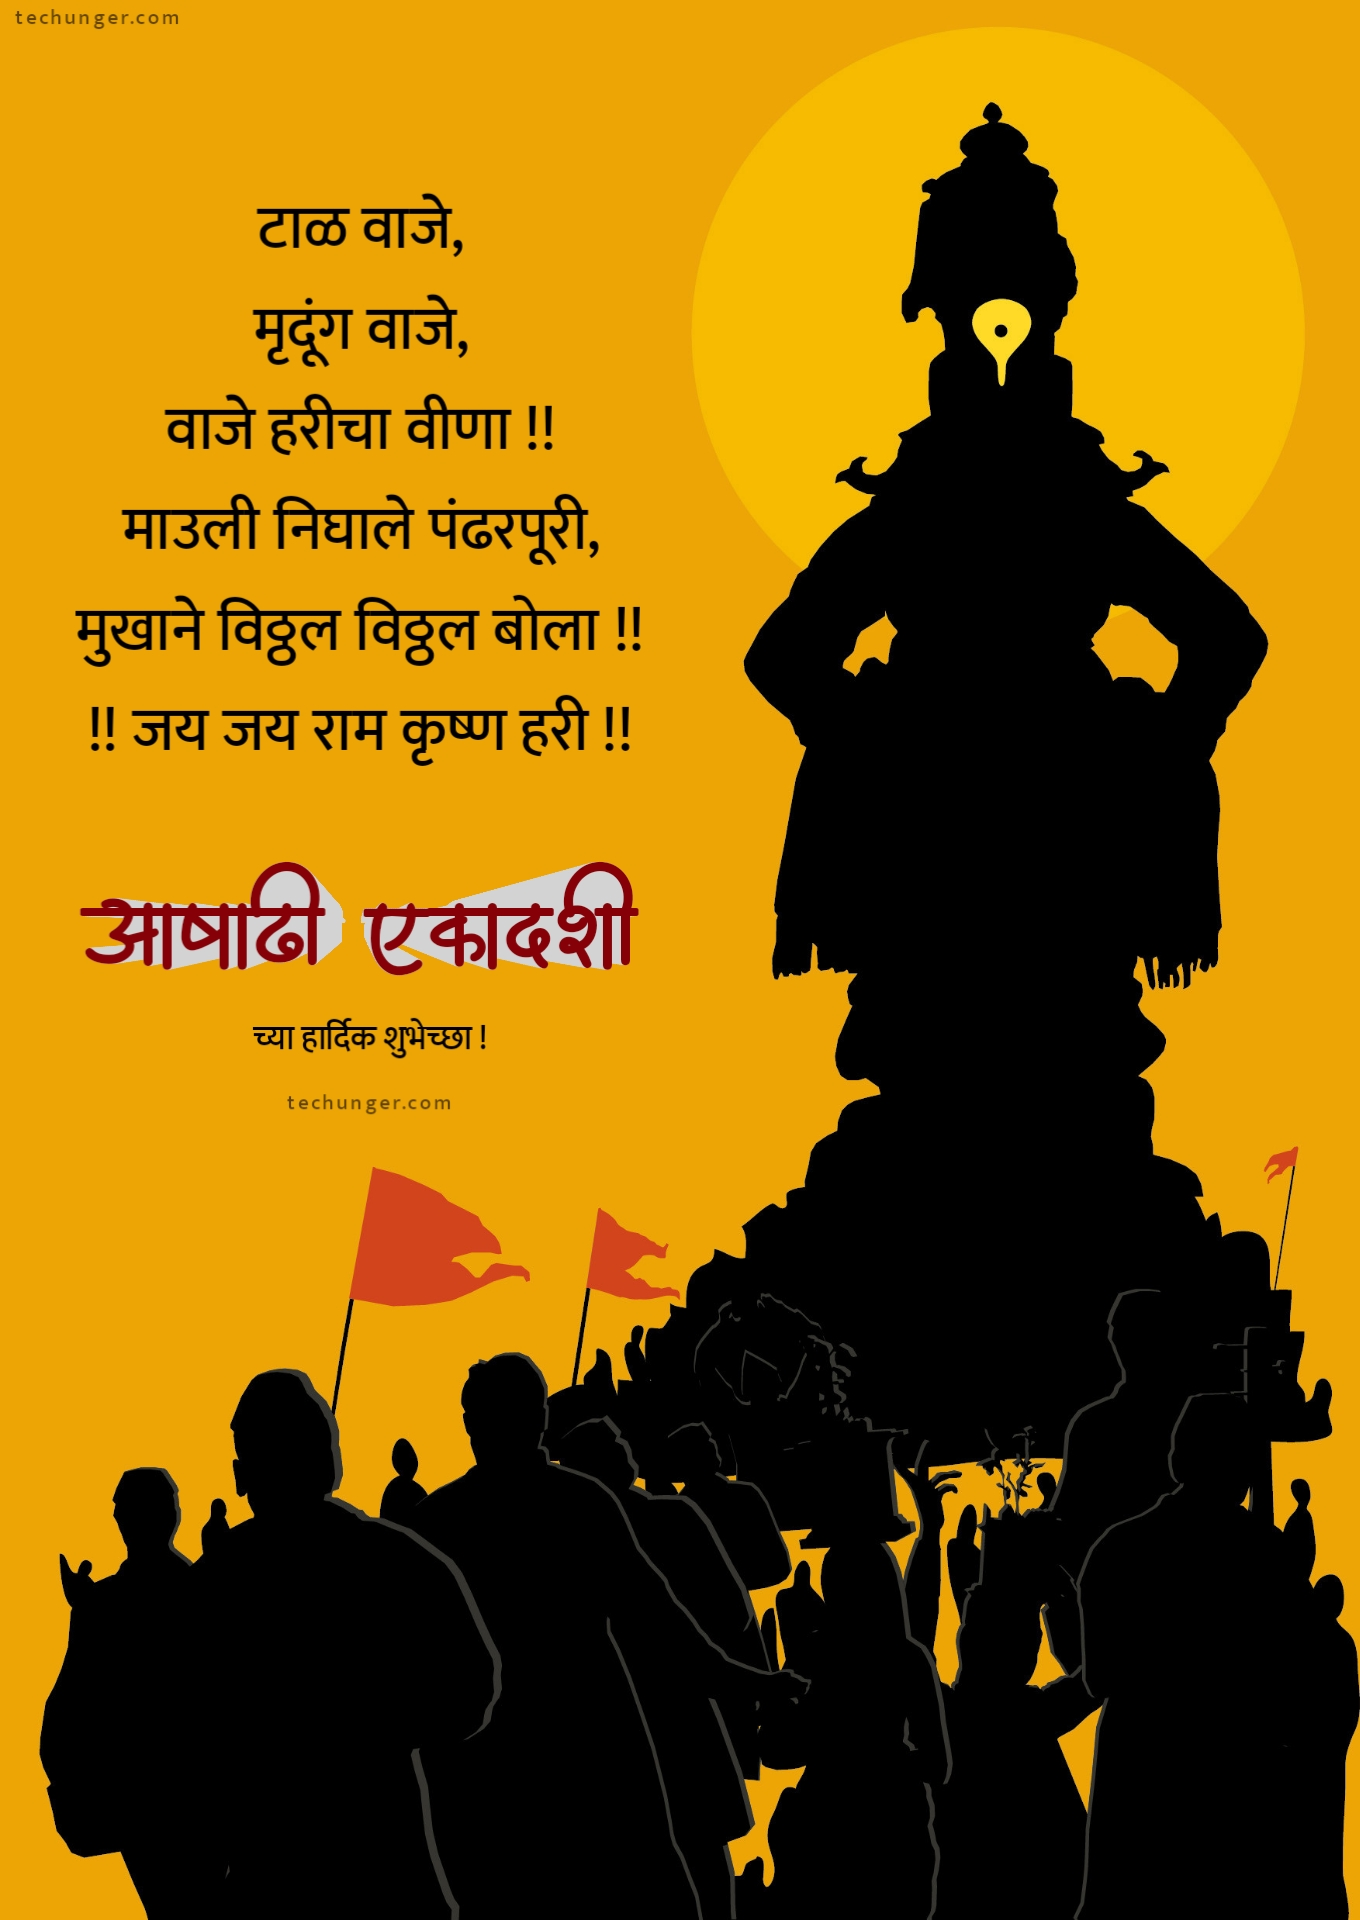 aashadhi ekadashi images, status, techunger, टाळ वाजे, मृदूंग वाजे, वाजे हरीचा वीणा !! माउली निघाले पंढरपूरी, मुखाने विठ्ठल विठ्ठल बोला !! !! जय जय राम कृष्ण हरी !!